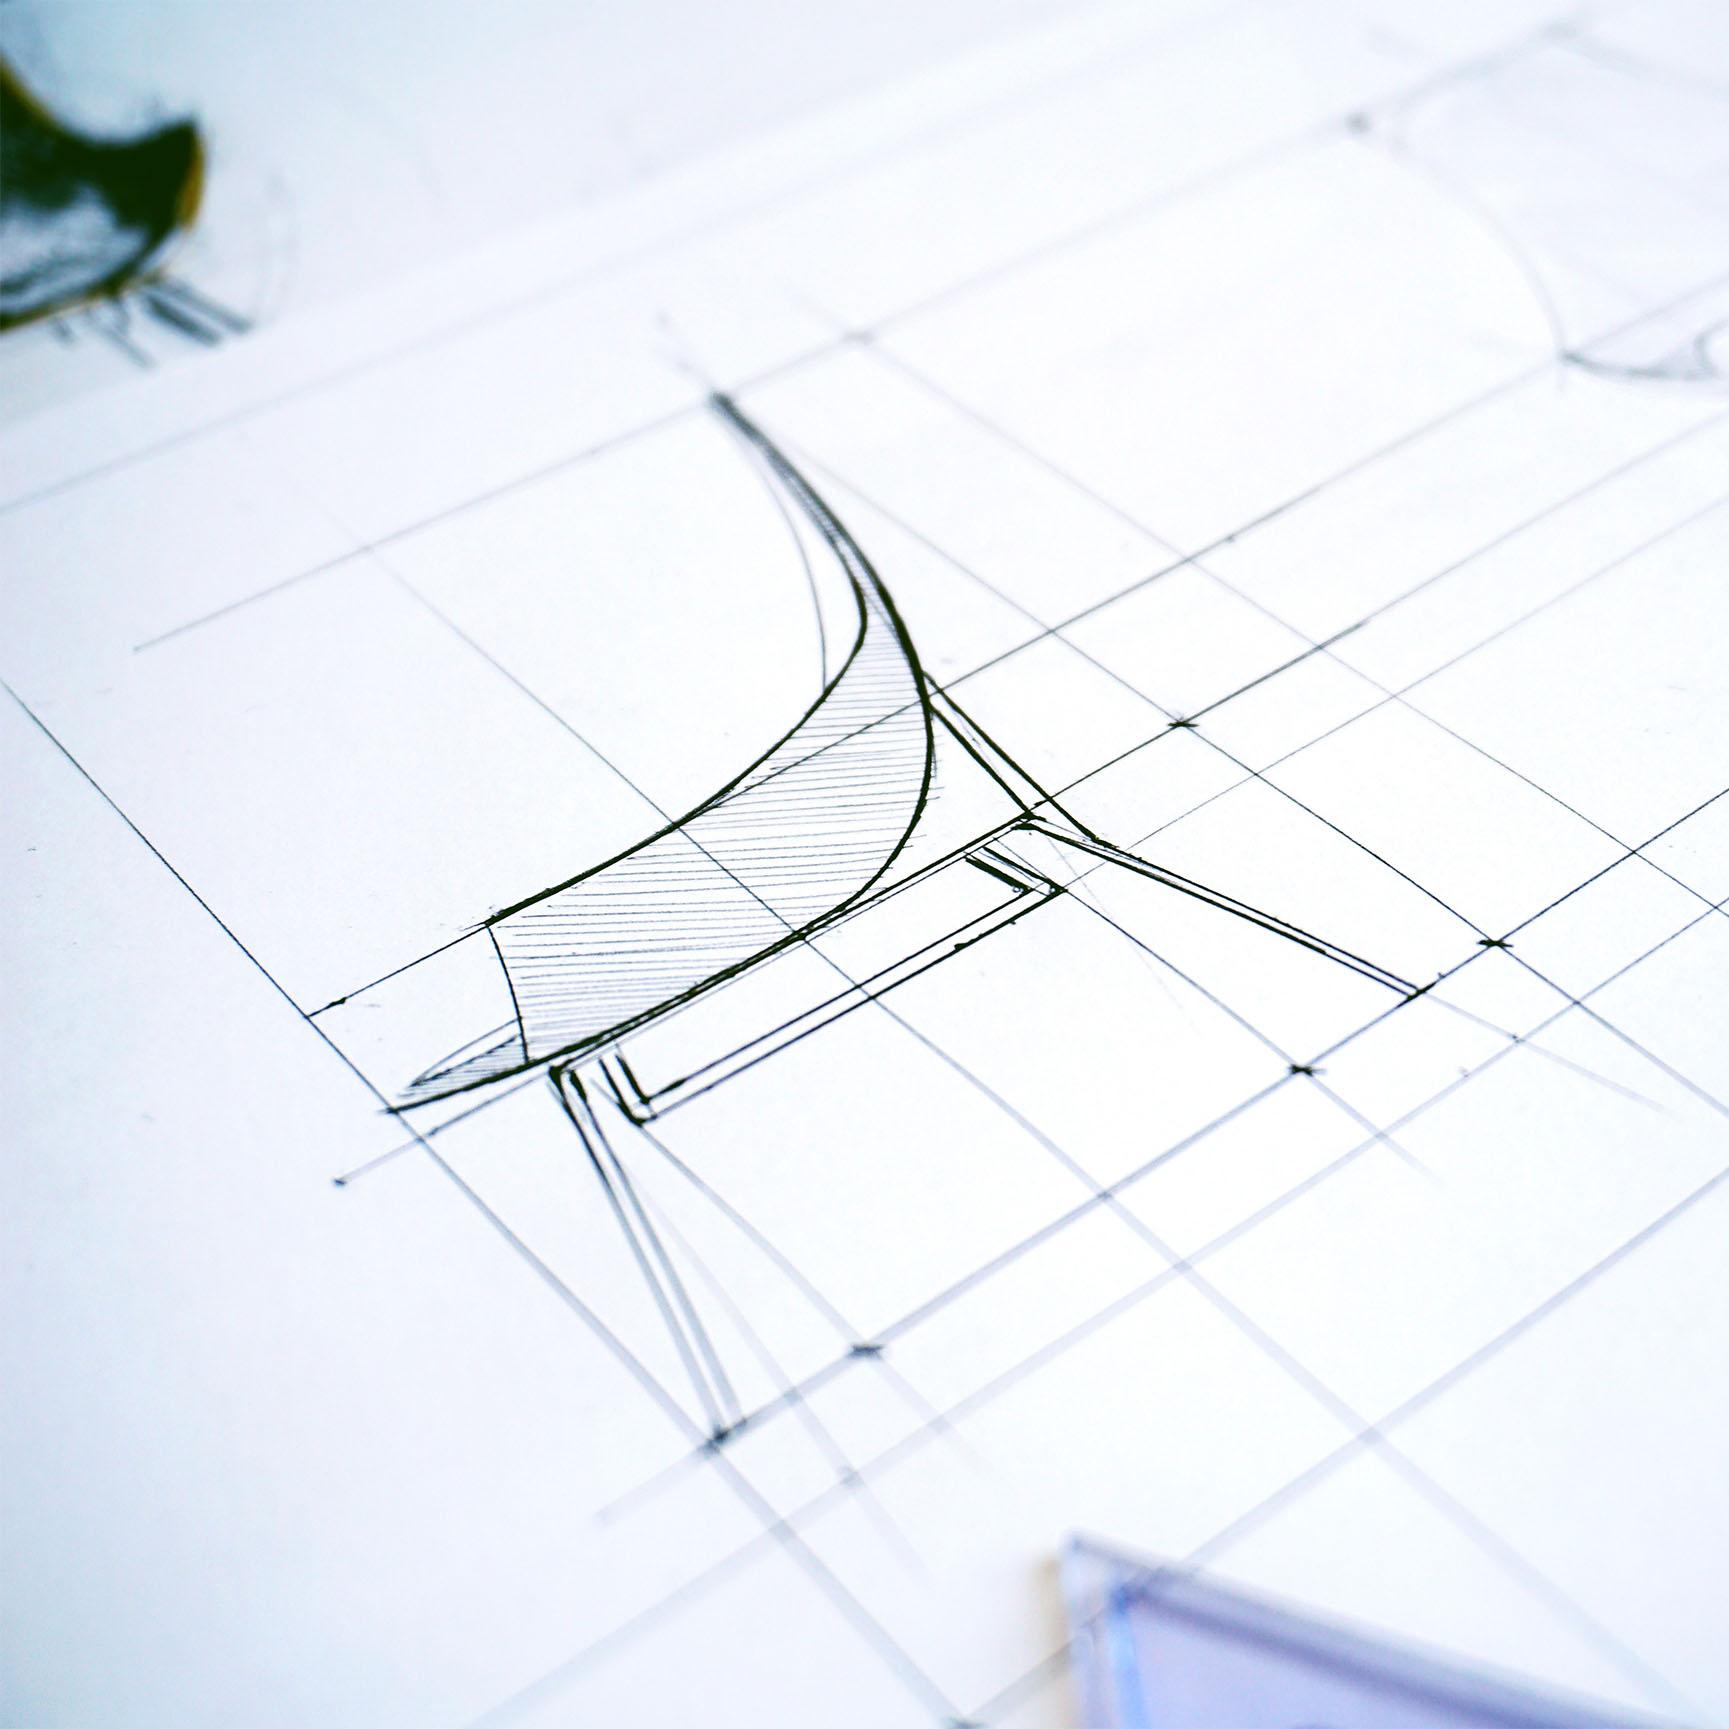 北京设计公司带您了解,完整工业产品设计的流程和细节